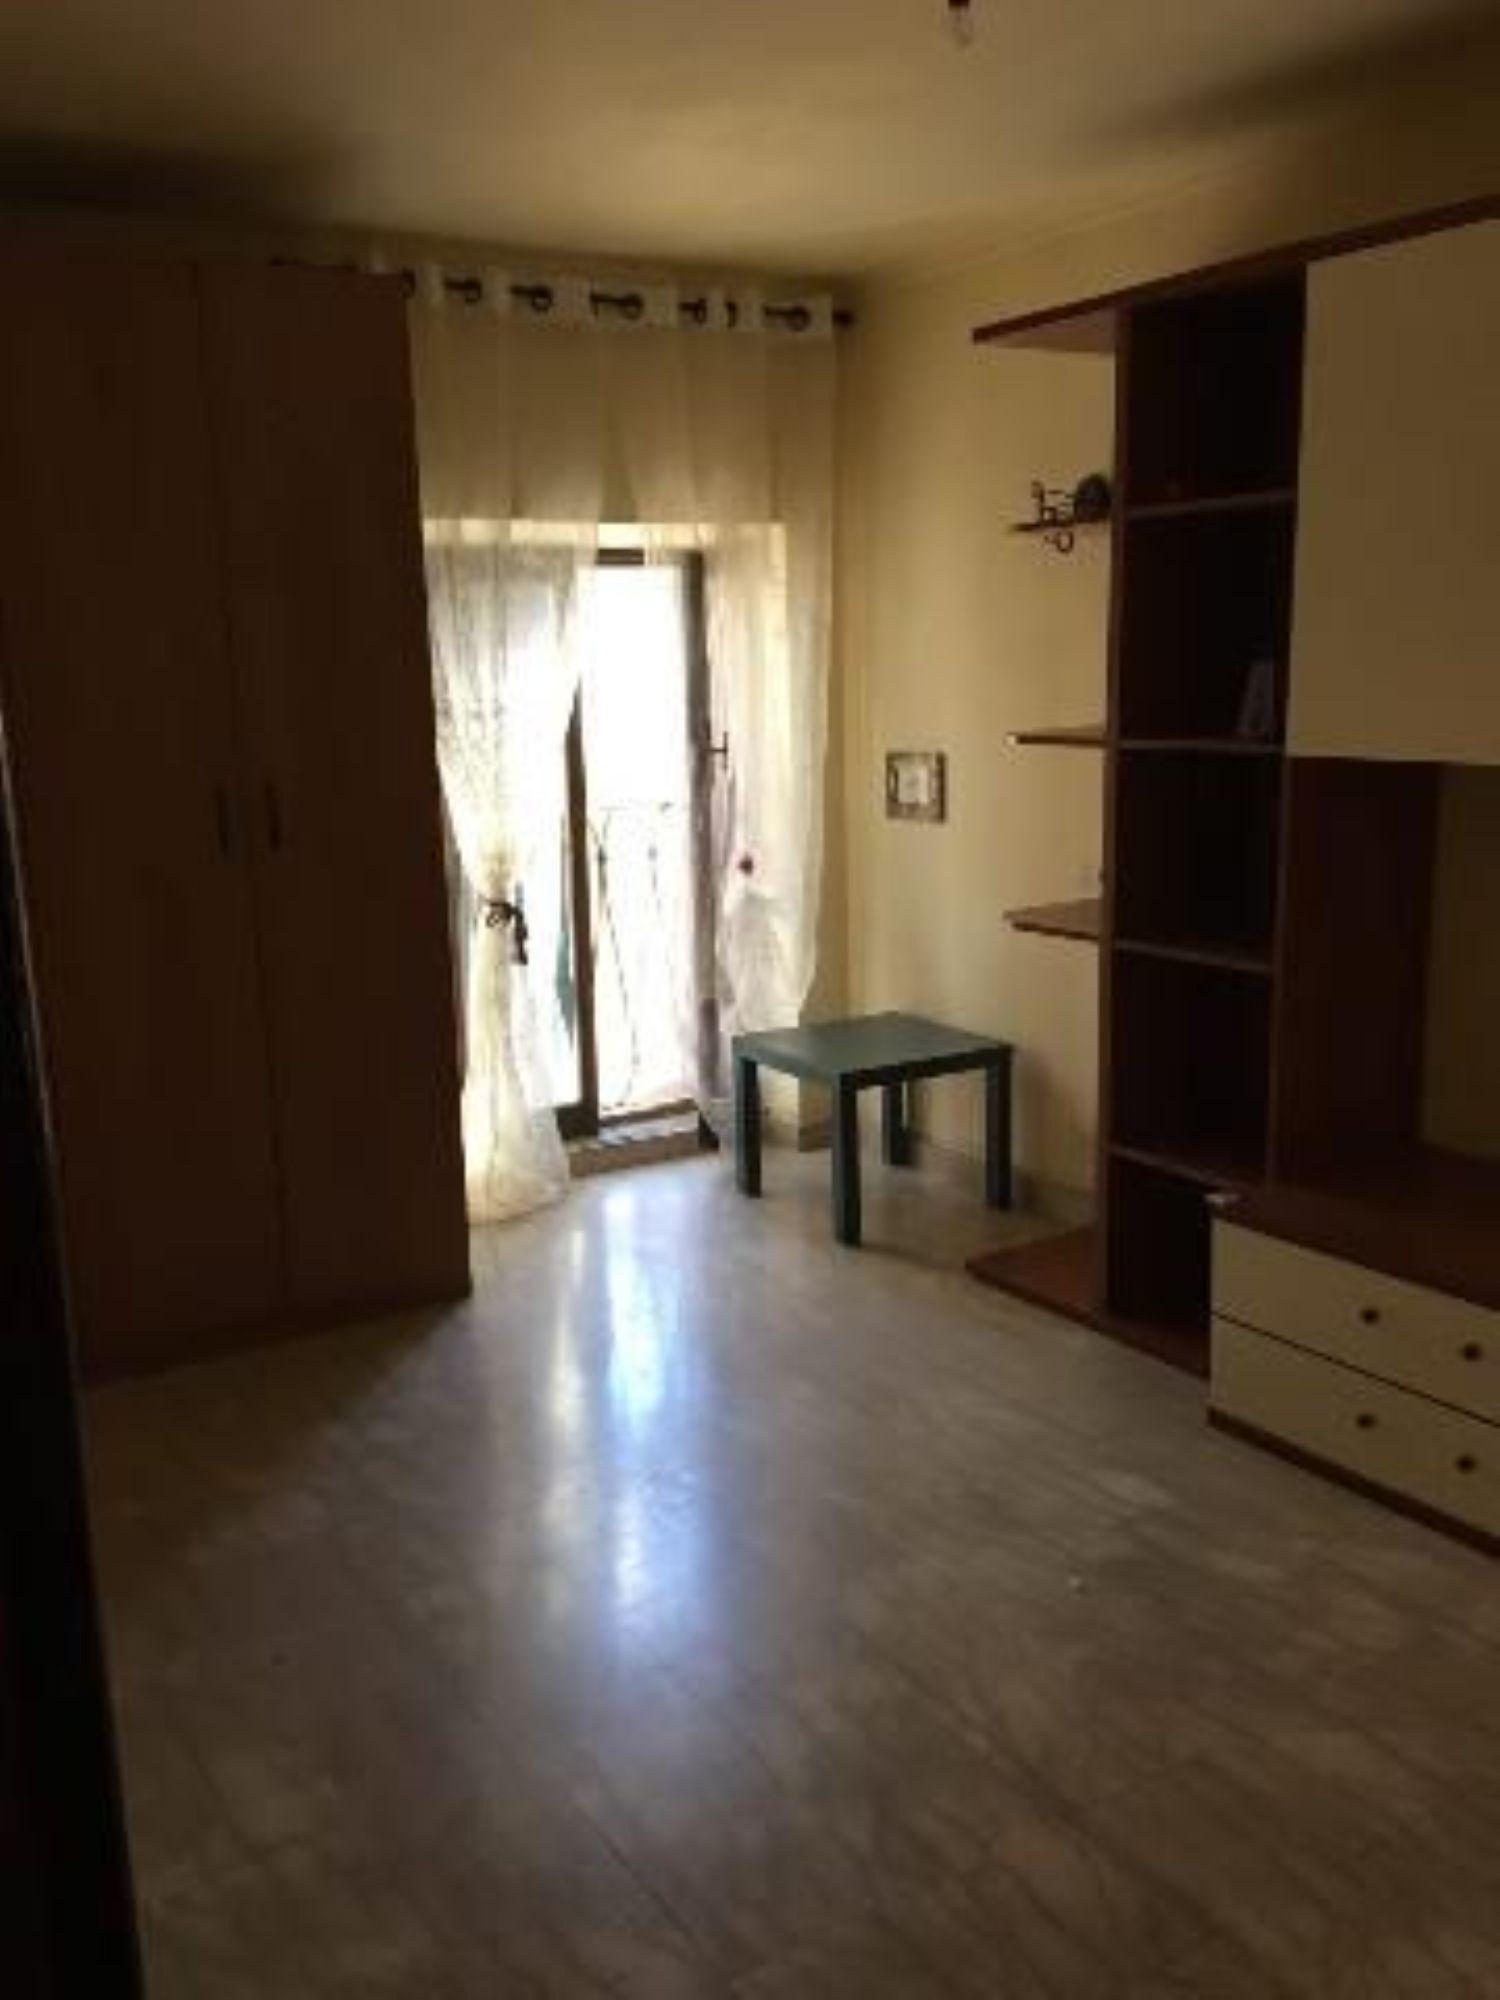 Appartamento in affitto a Velletri, 3 locali, prezzo € 450 | CambioCasa.it